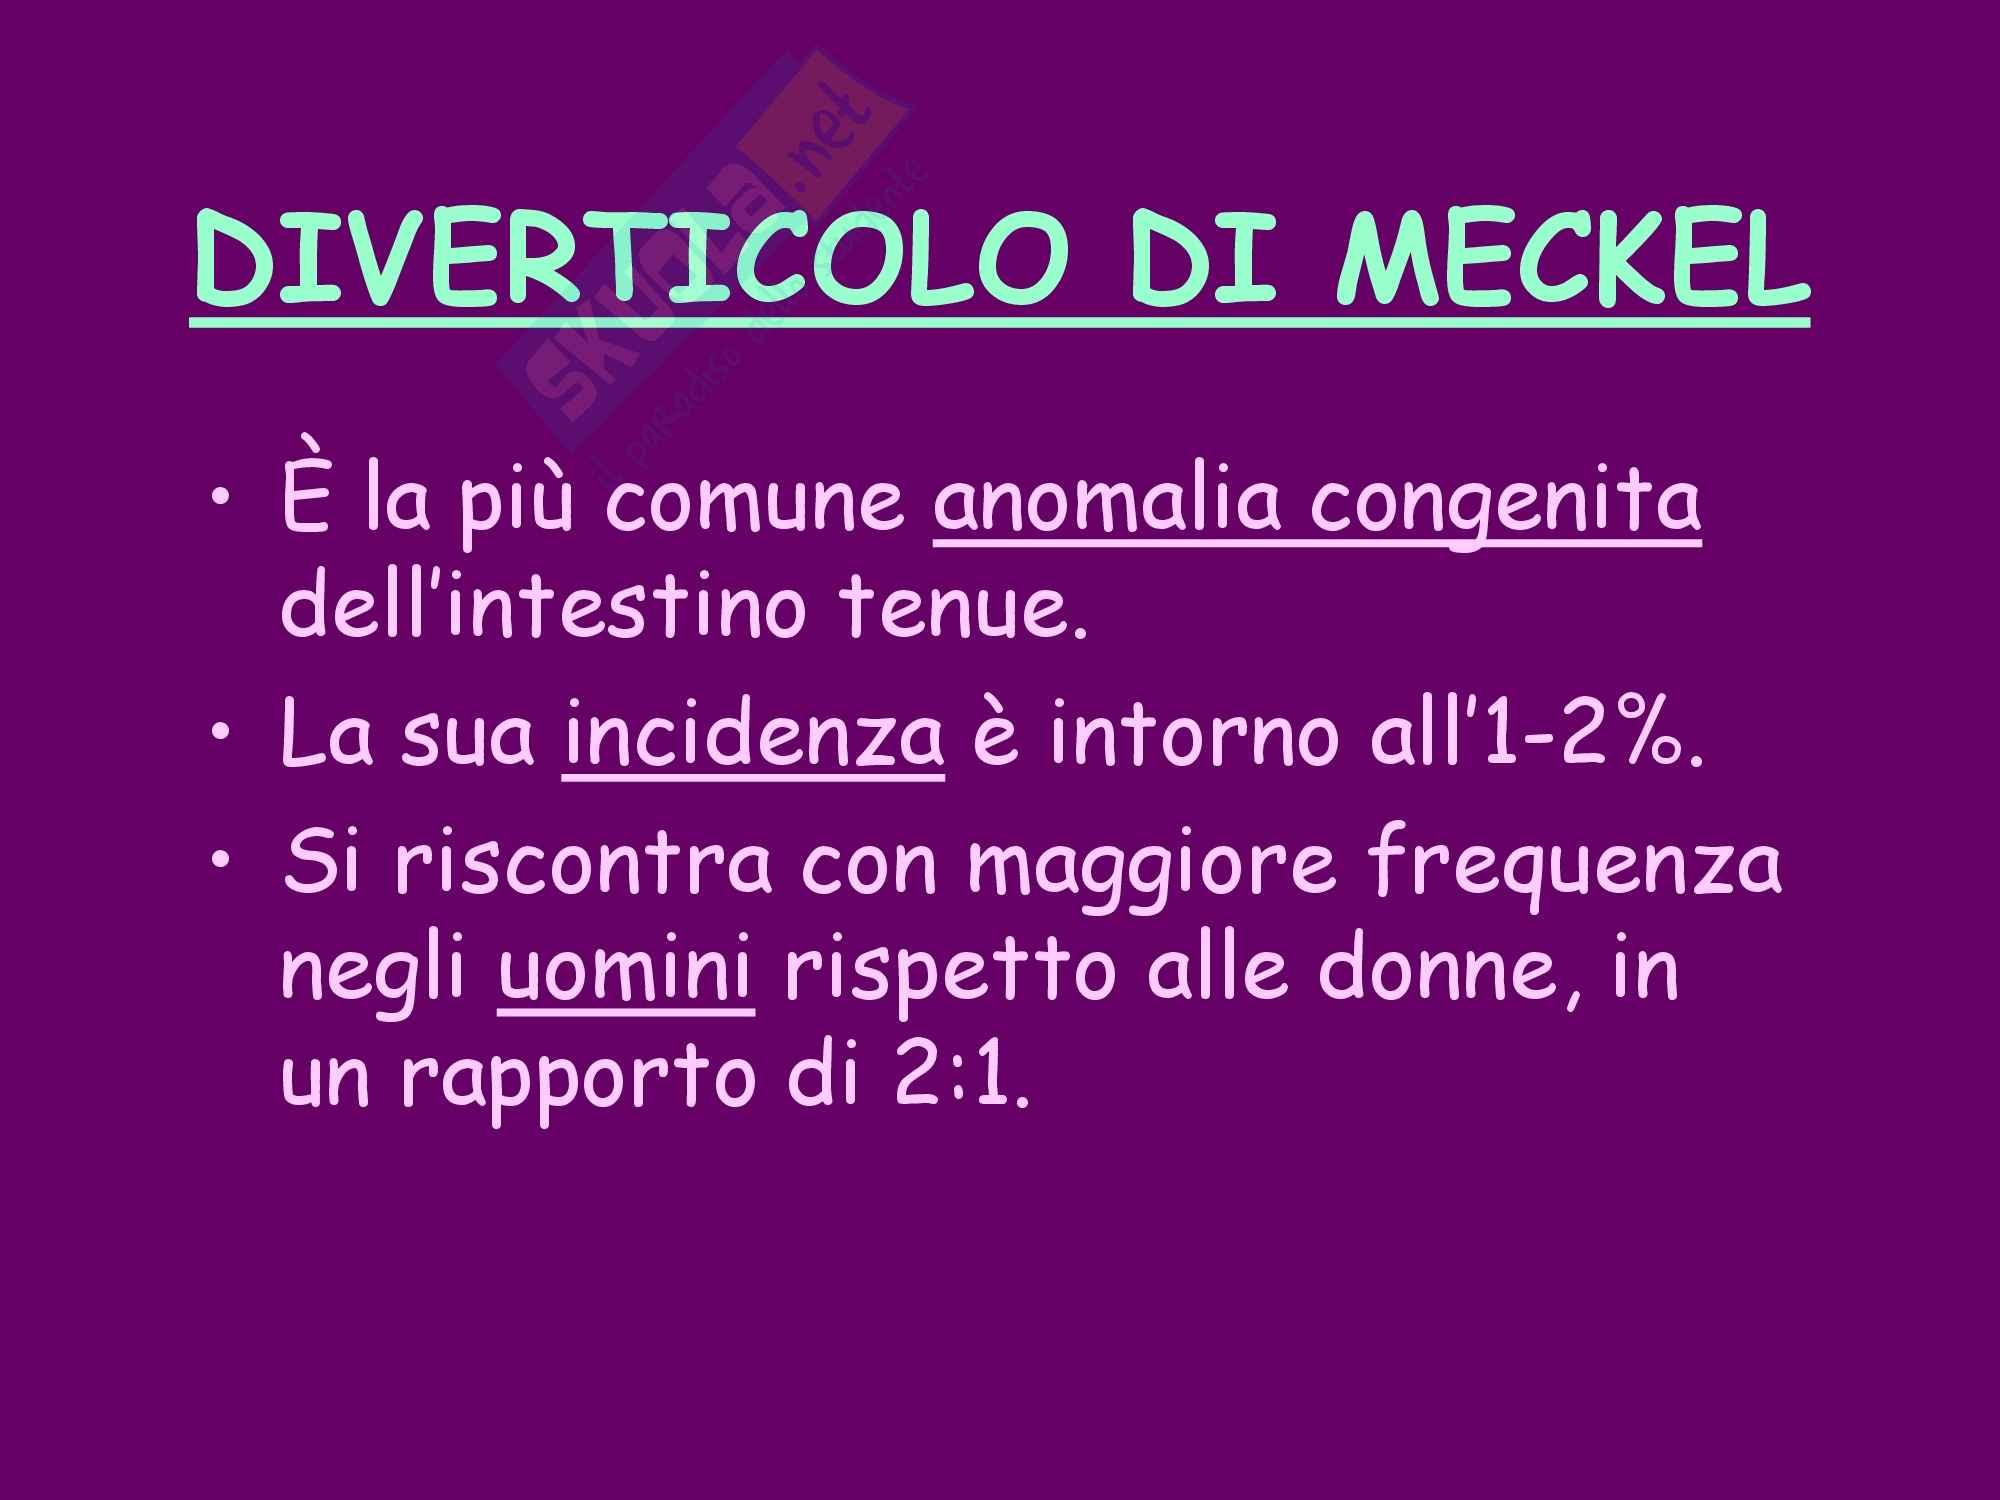 Diverticolo di Meckel